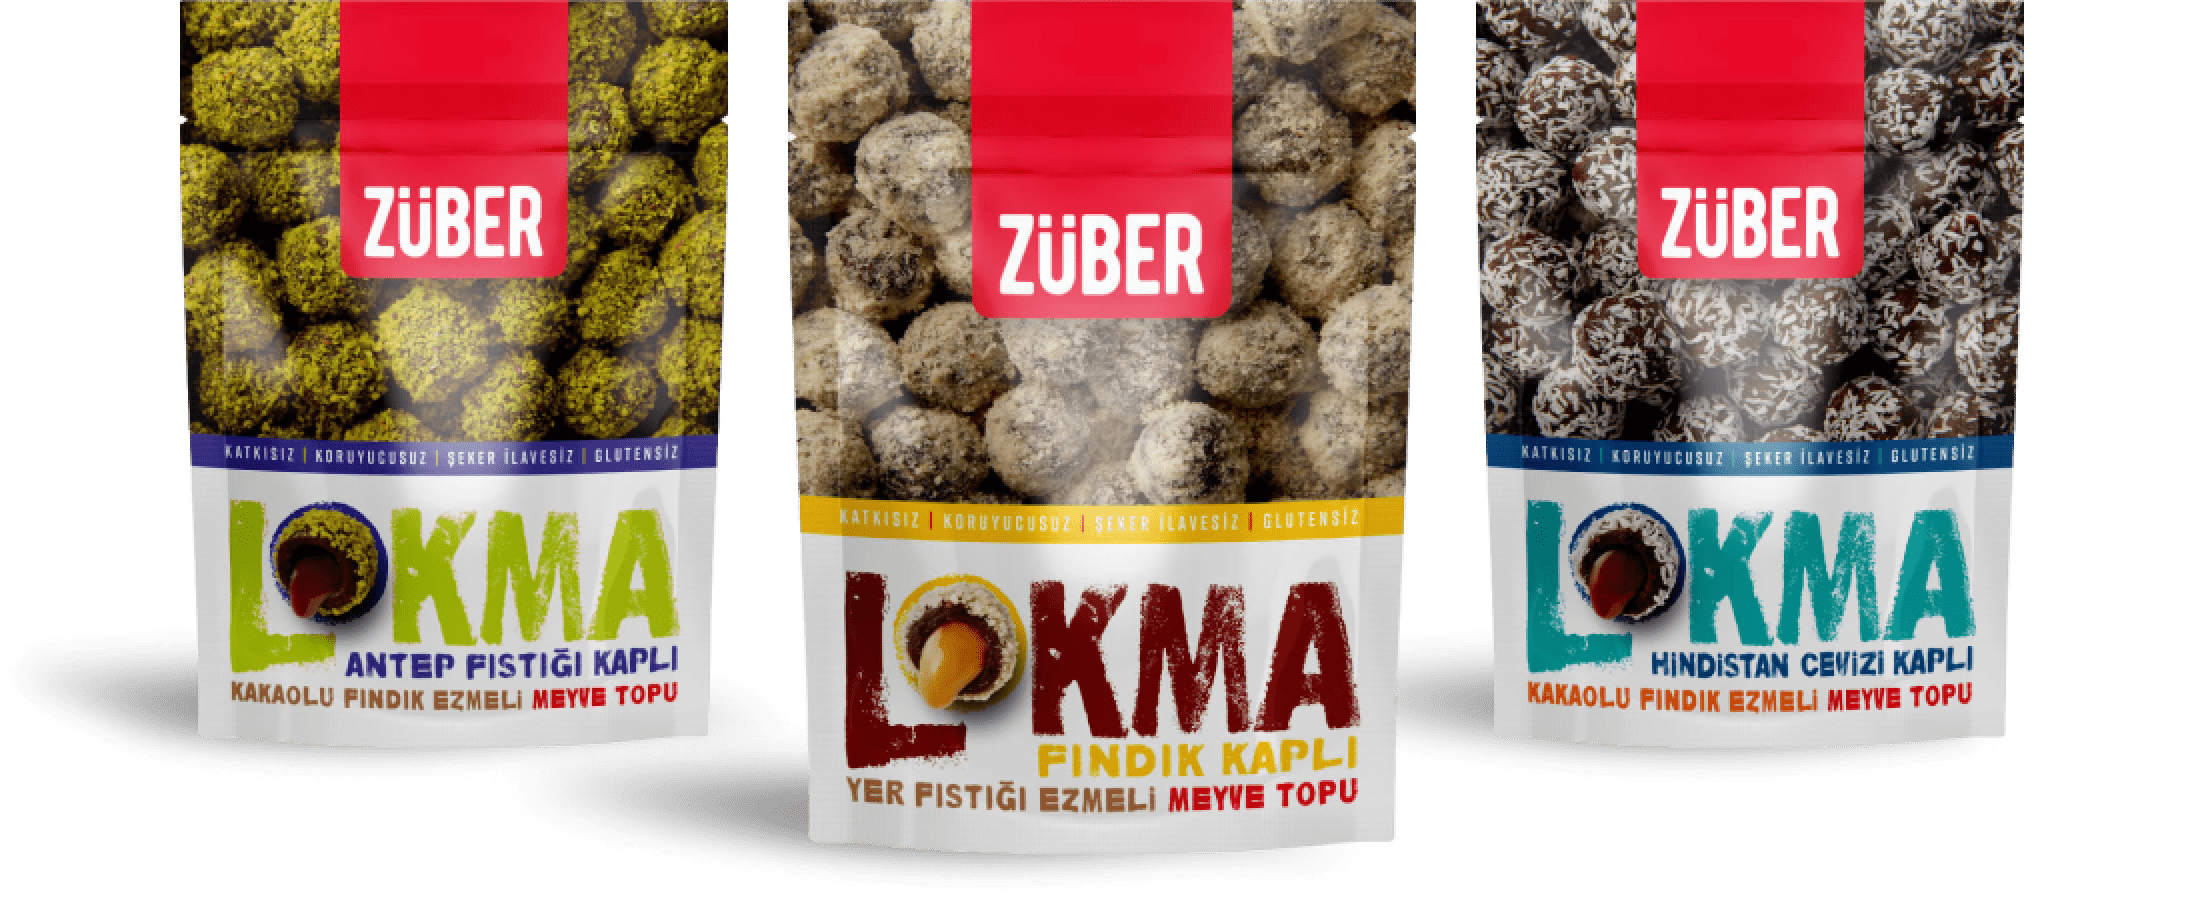 Züber Lokma |İçi Akışkan %100 Doğal Fındık, Fıstık Ezmeli Meyve Topu